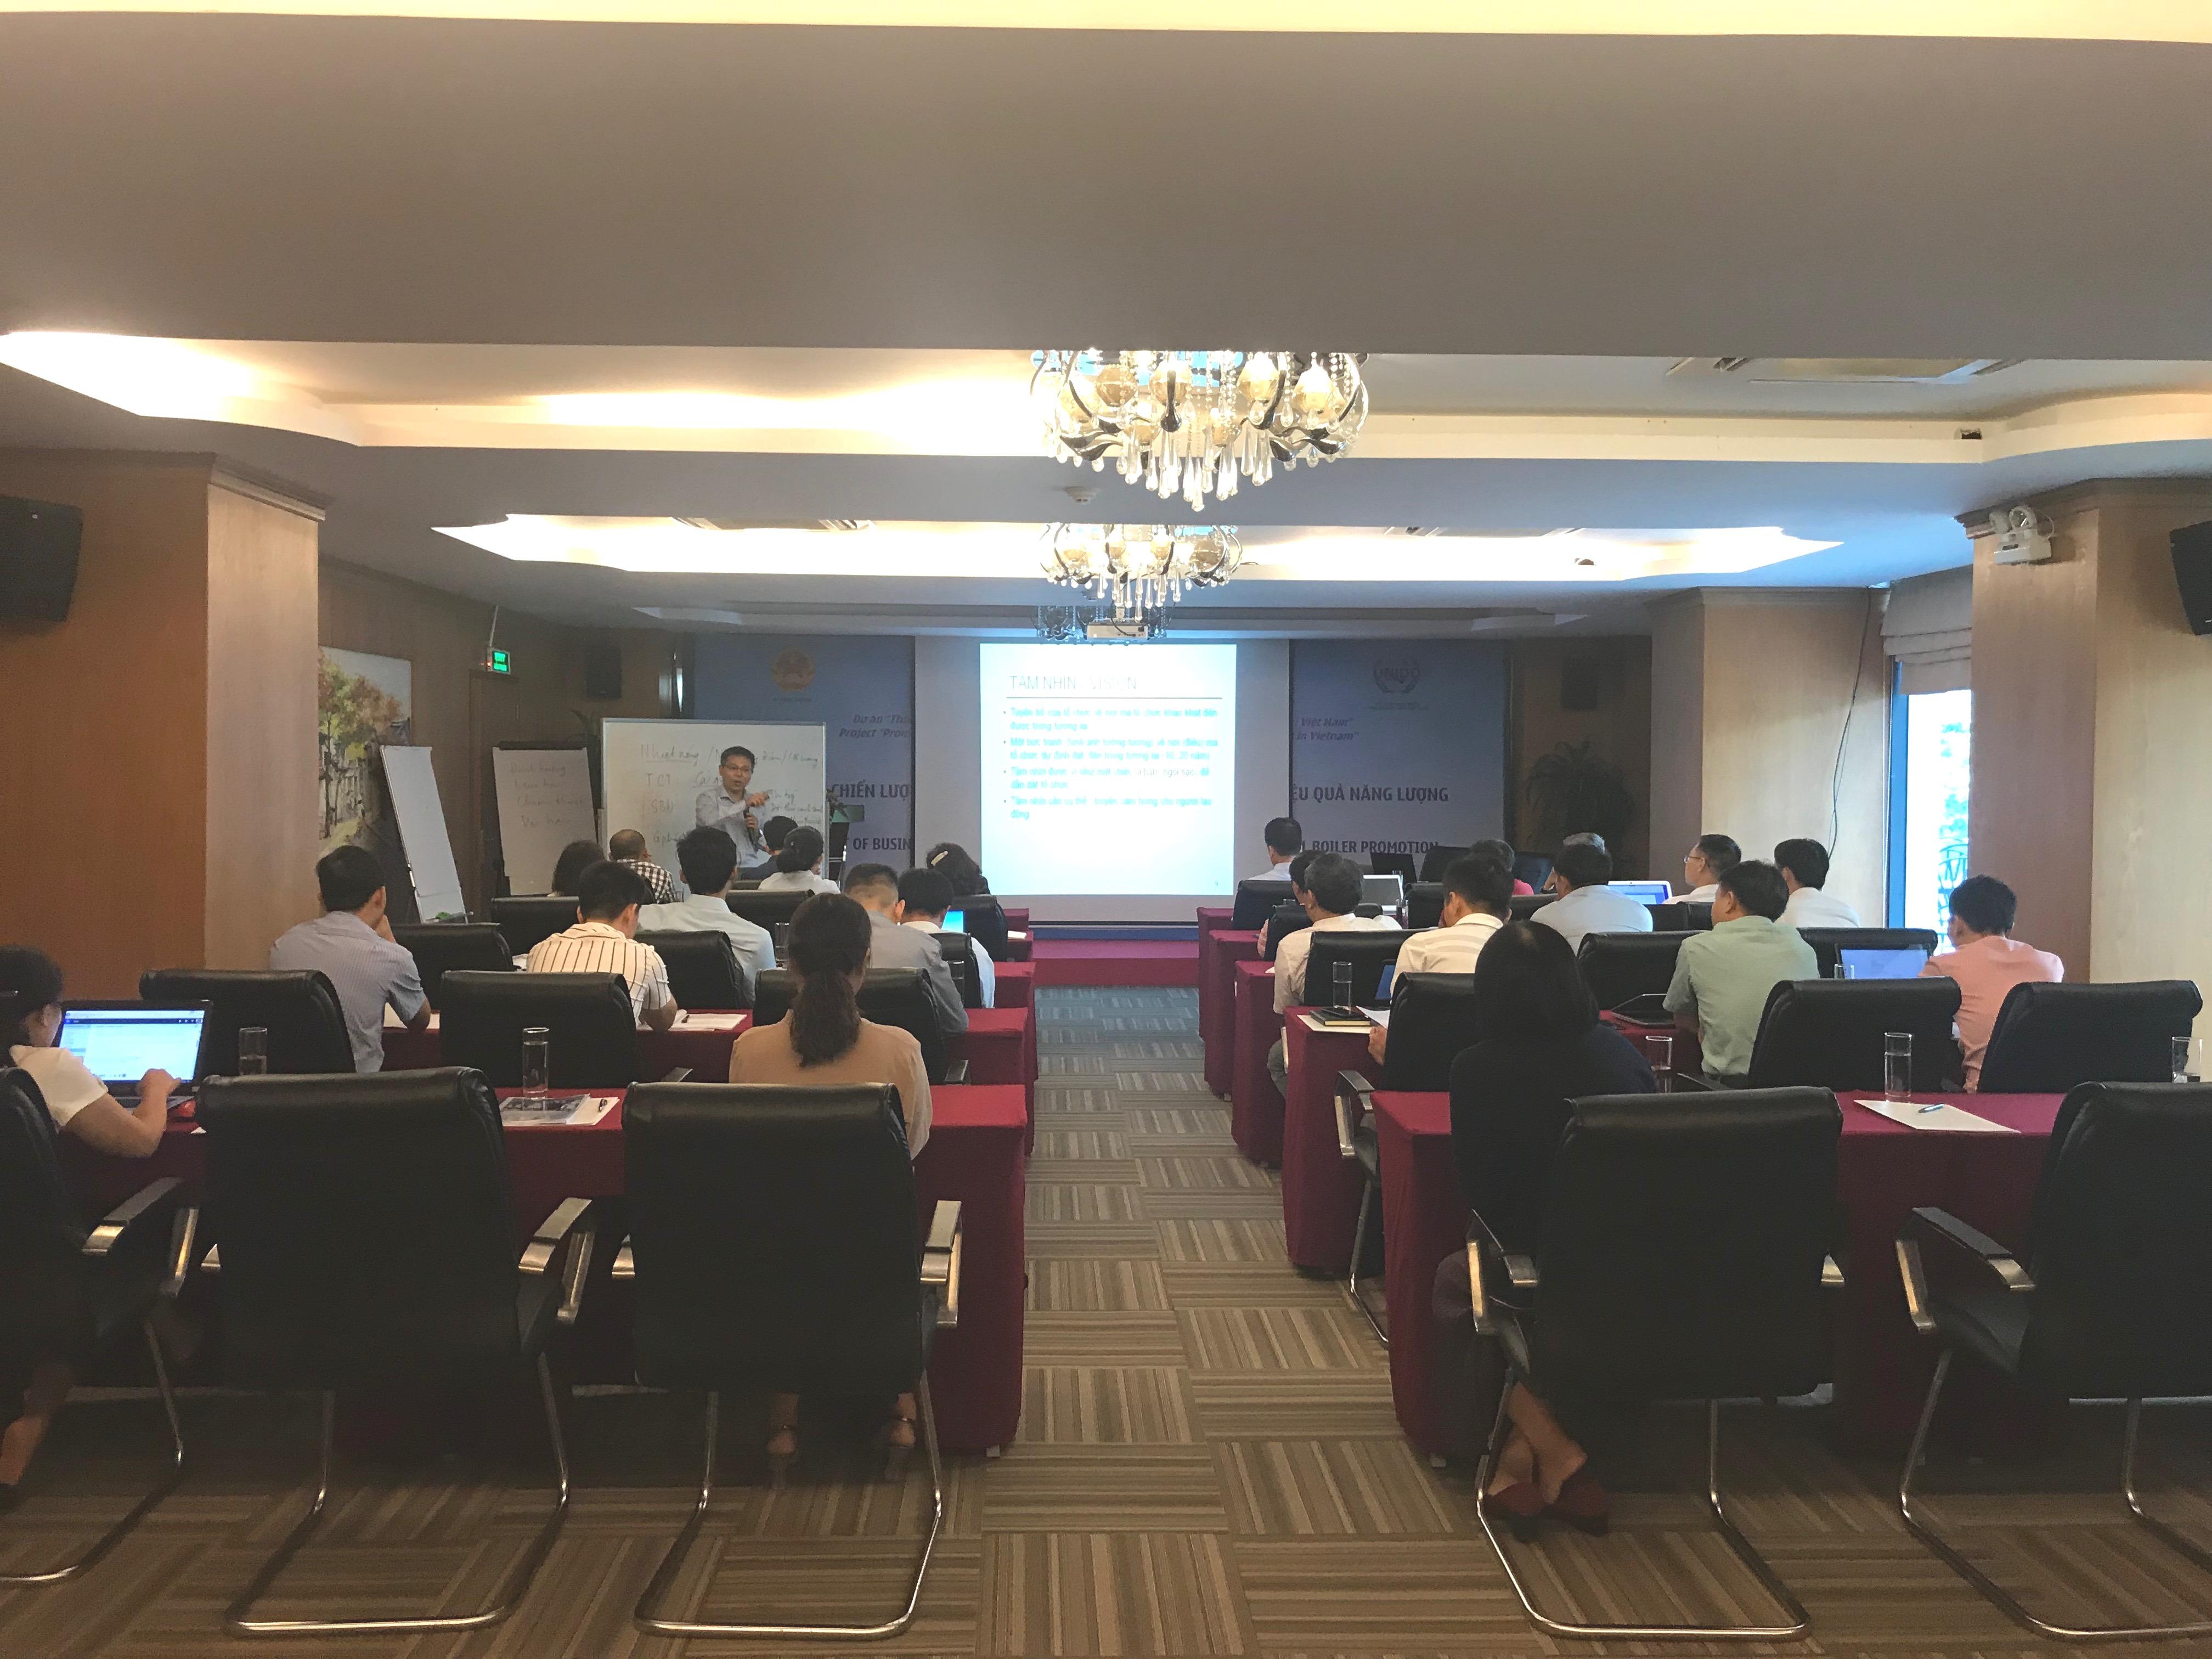 """Đại diện công ty Đông Dương tham dự hội thảo """"Xây dựng chiến lược kinh doanh và tiếp thị nồi hơi công nghiệp hiệu quả năng lượng"""""""